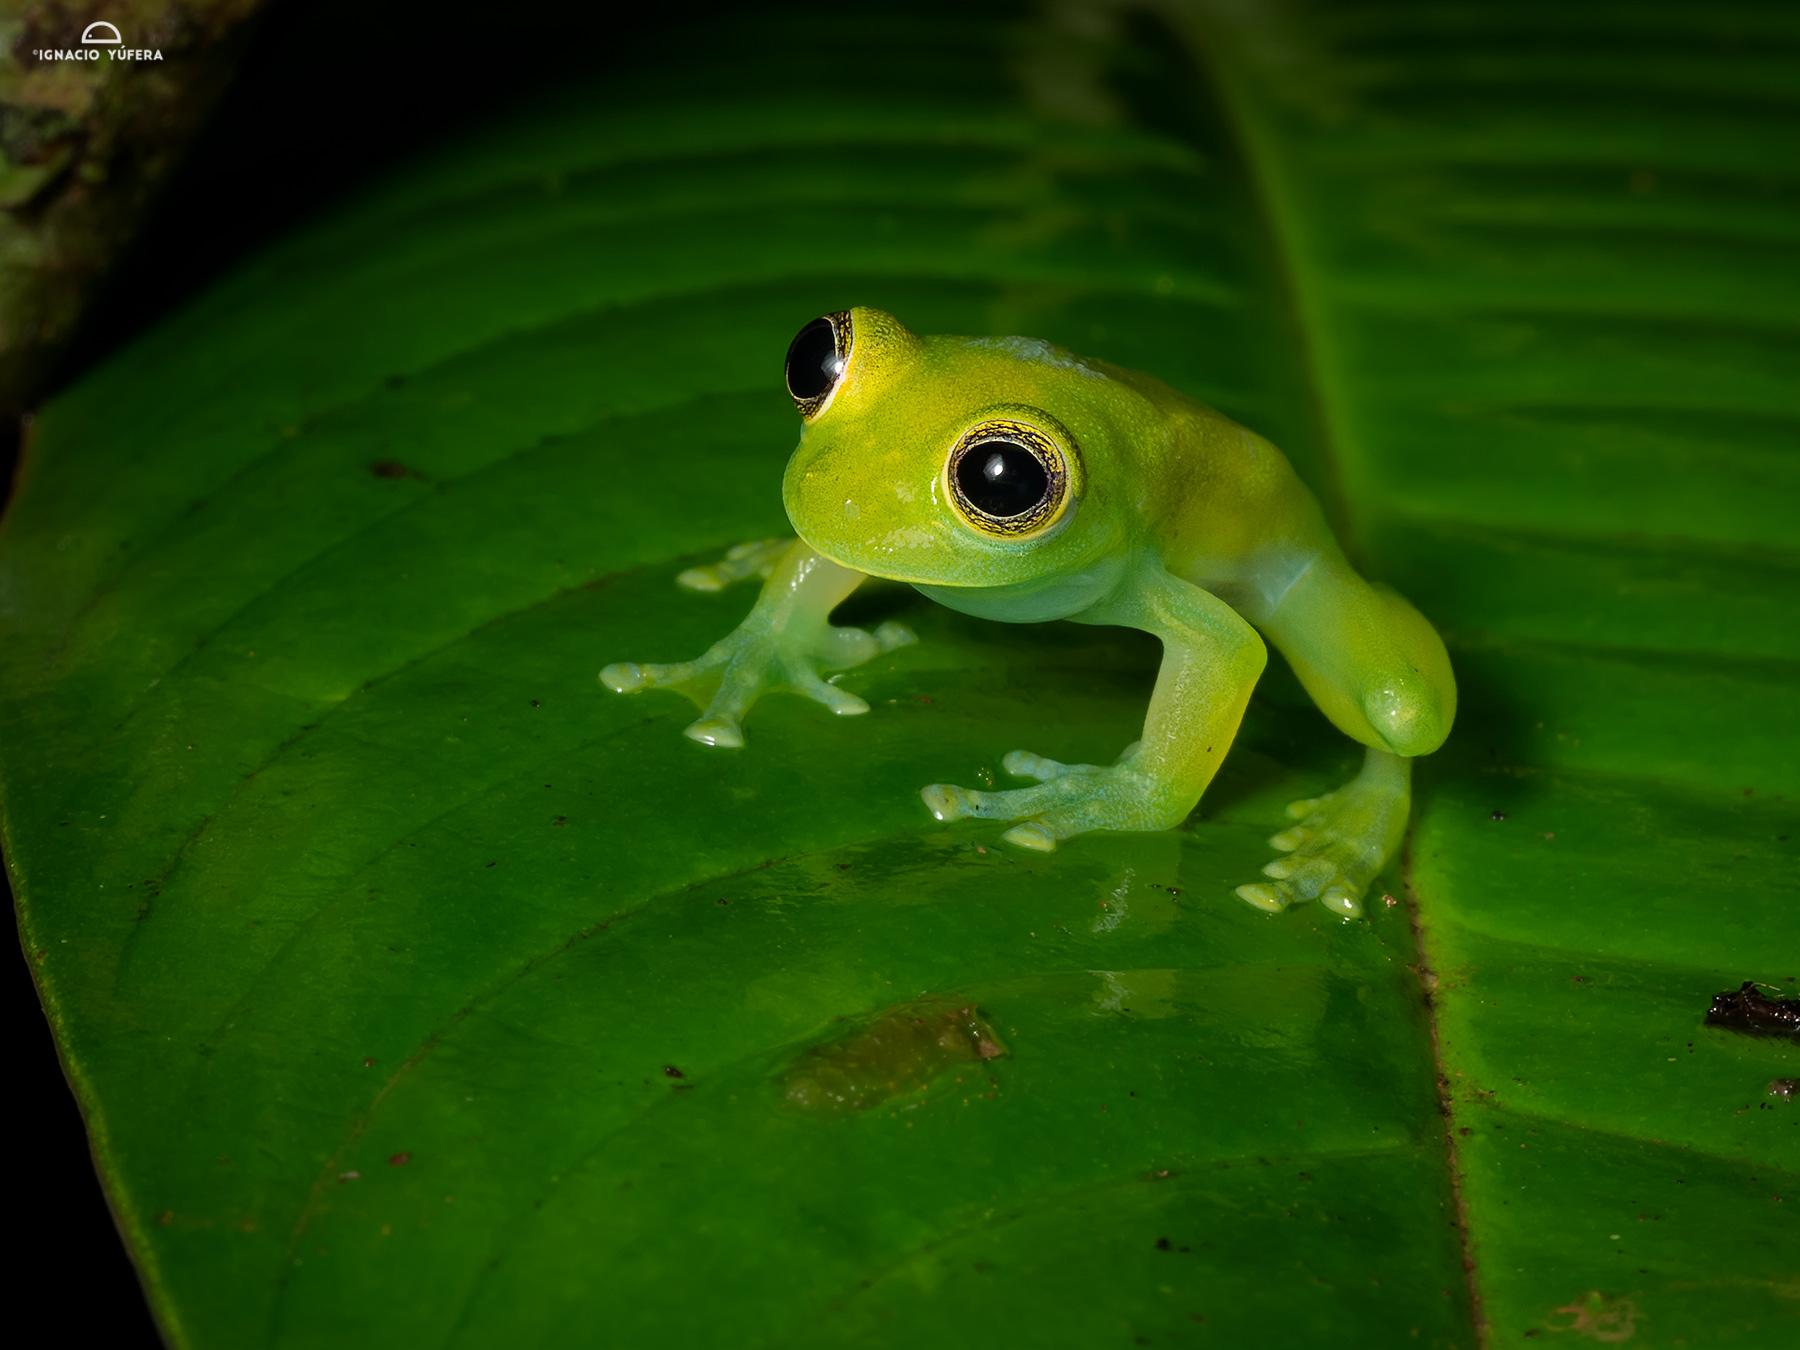 Dwarf Glass Frog (Cochranella spinosa), Nusagandi, Panama, July